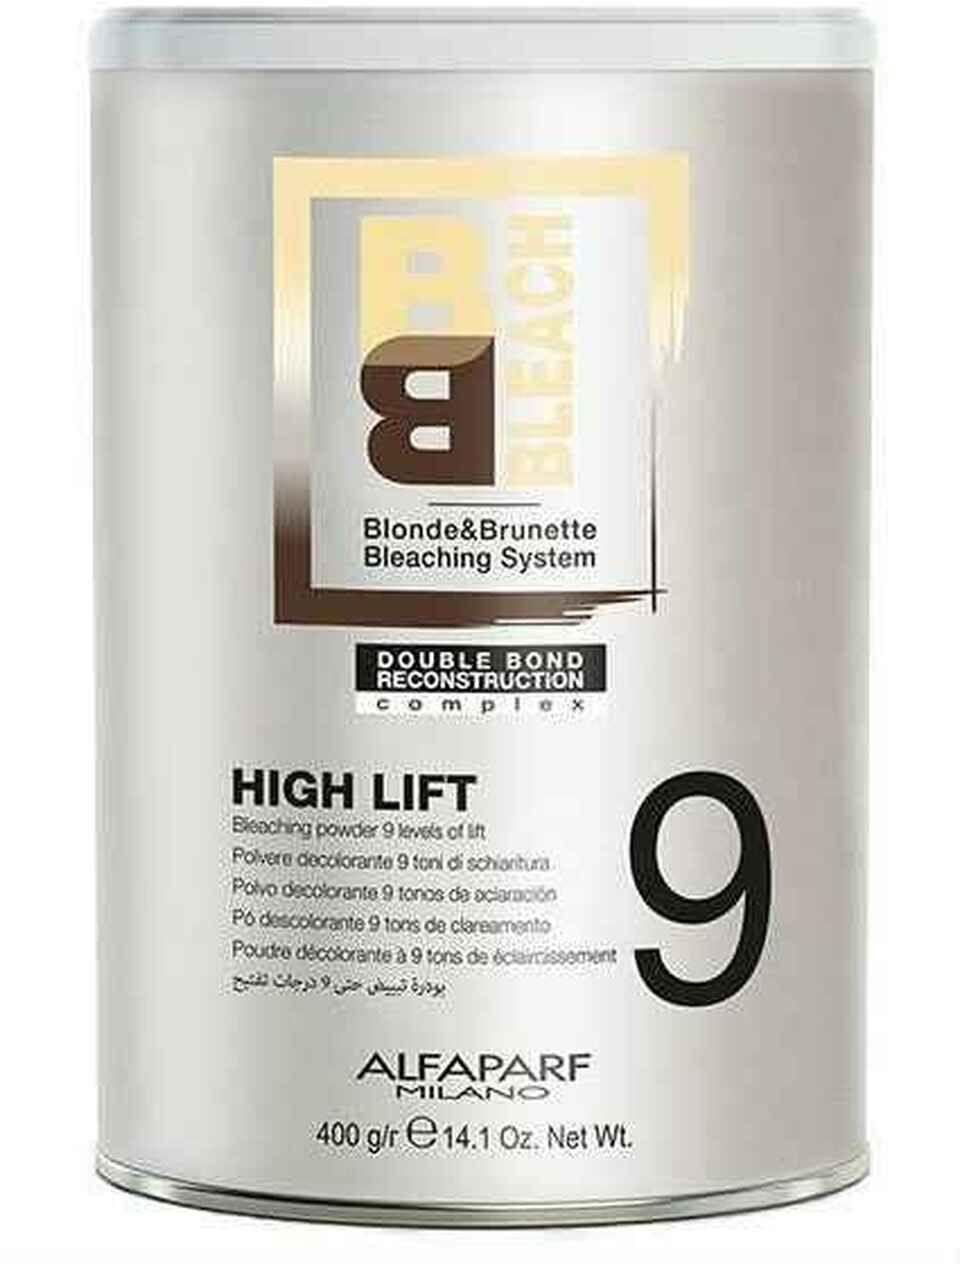 Alfaparf BB, rozjaśniacz, puder rozjaśniający do 9 tonów, High Lift, 400g